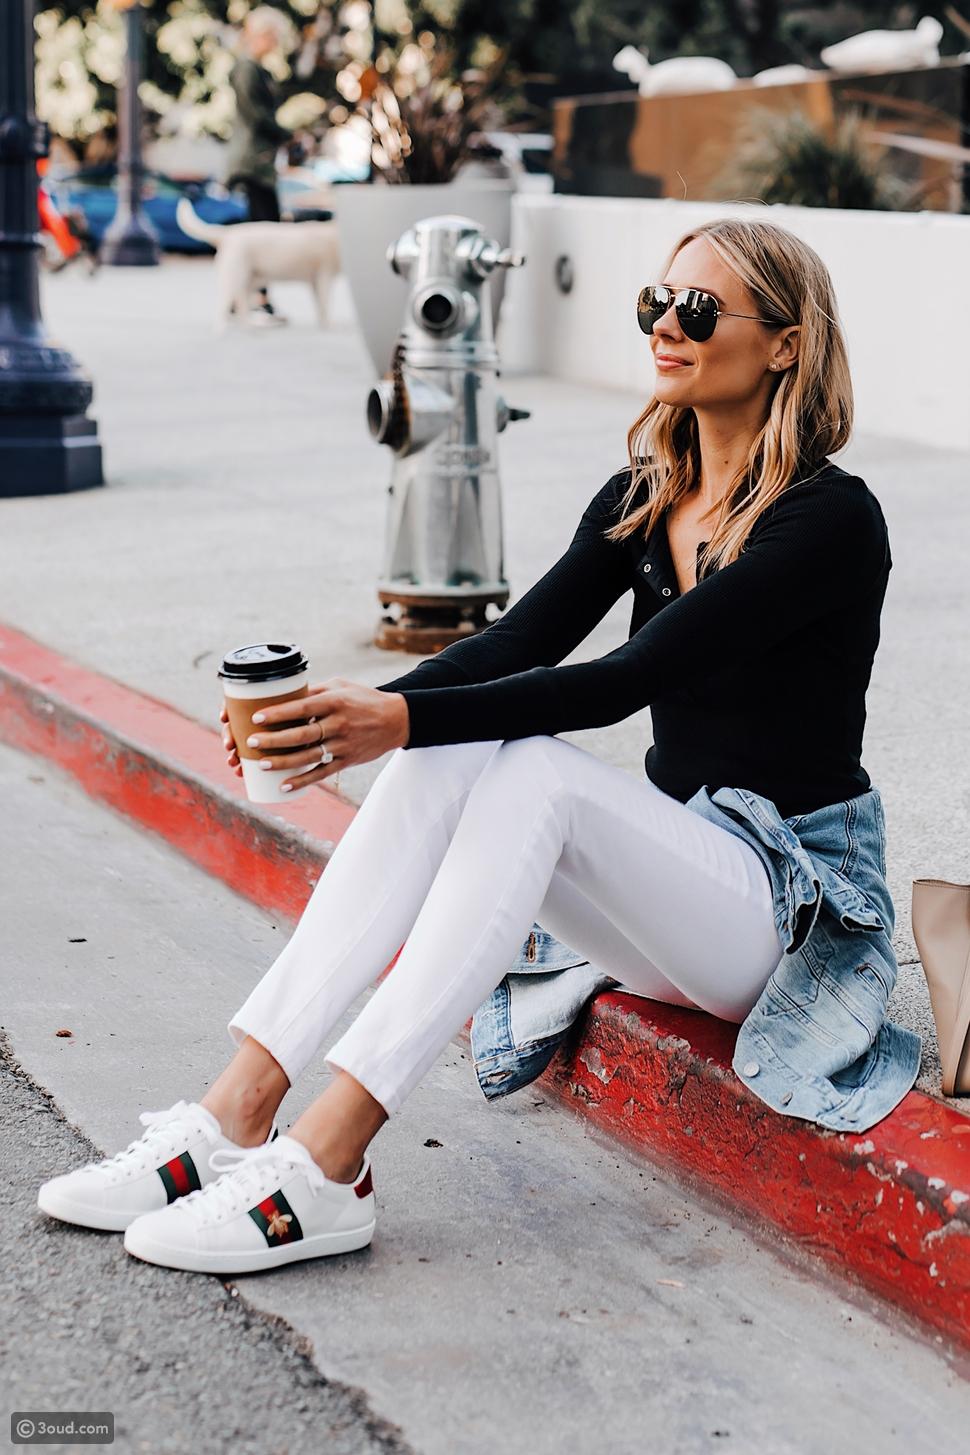 أحذية رياضية لسيدة فوق الـ30